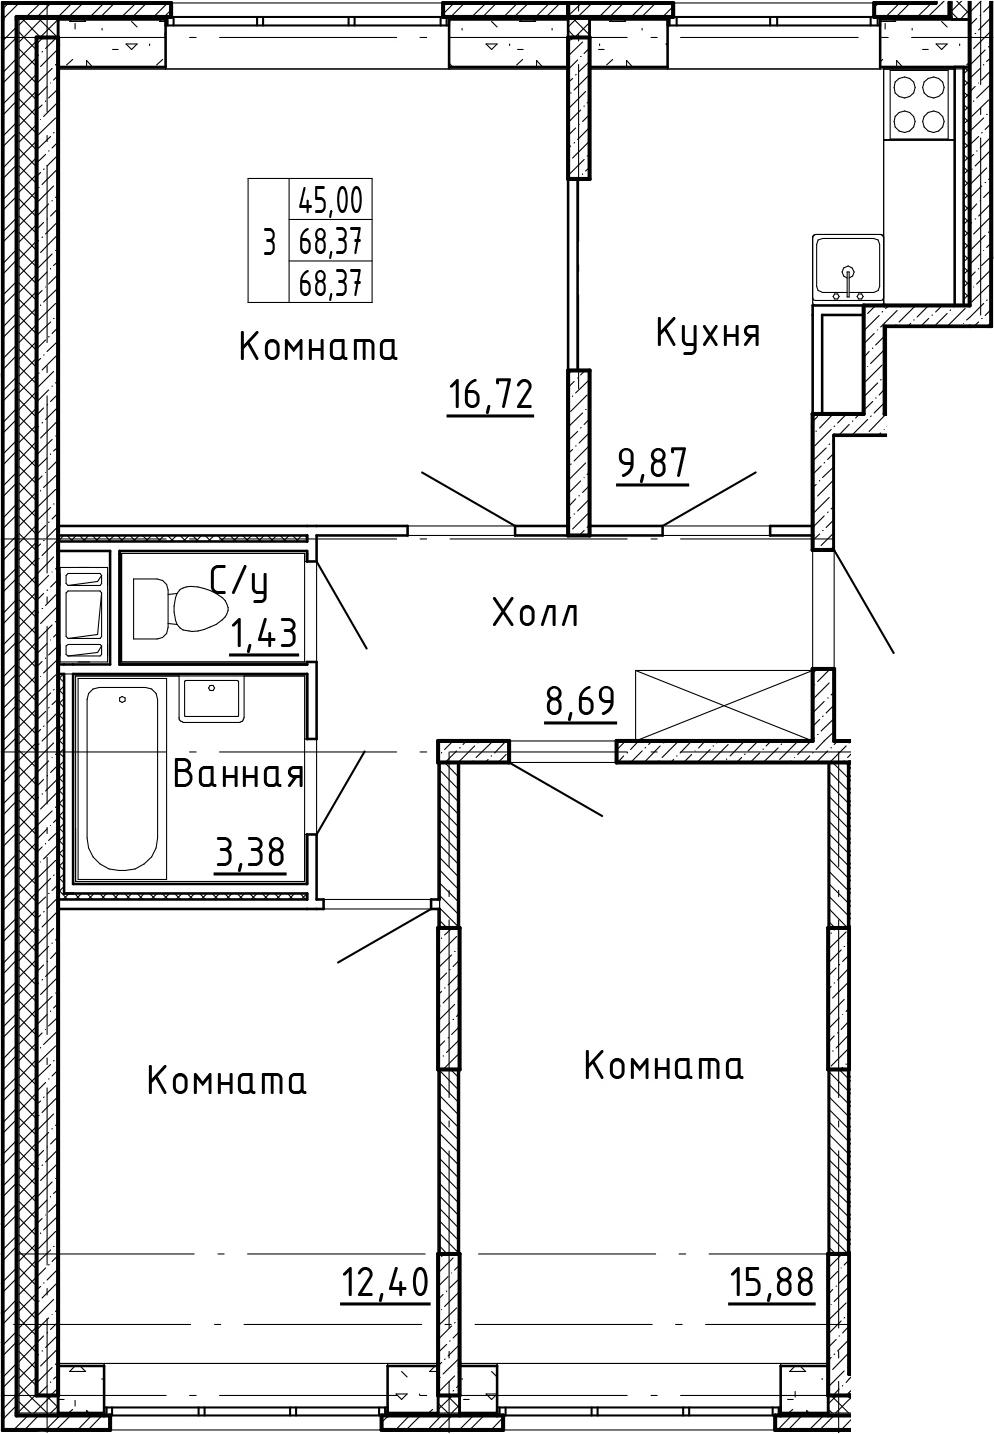 3-комнатная, 68.37 м²– 2